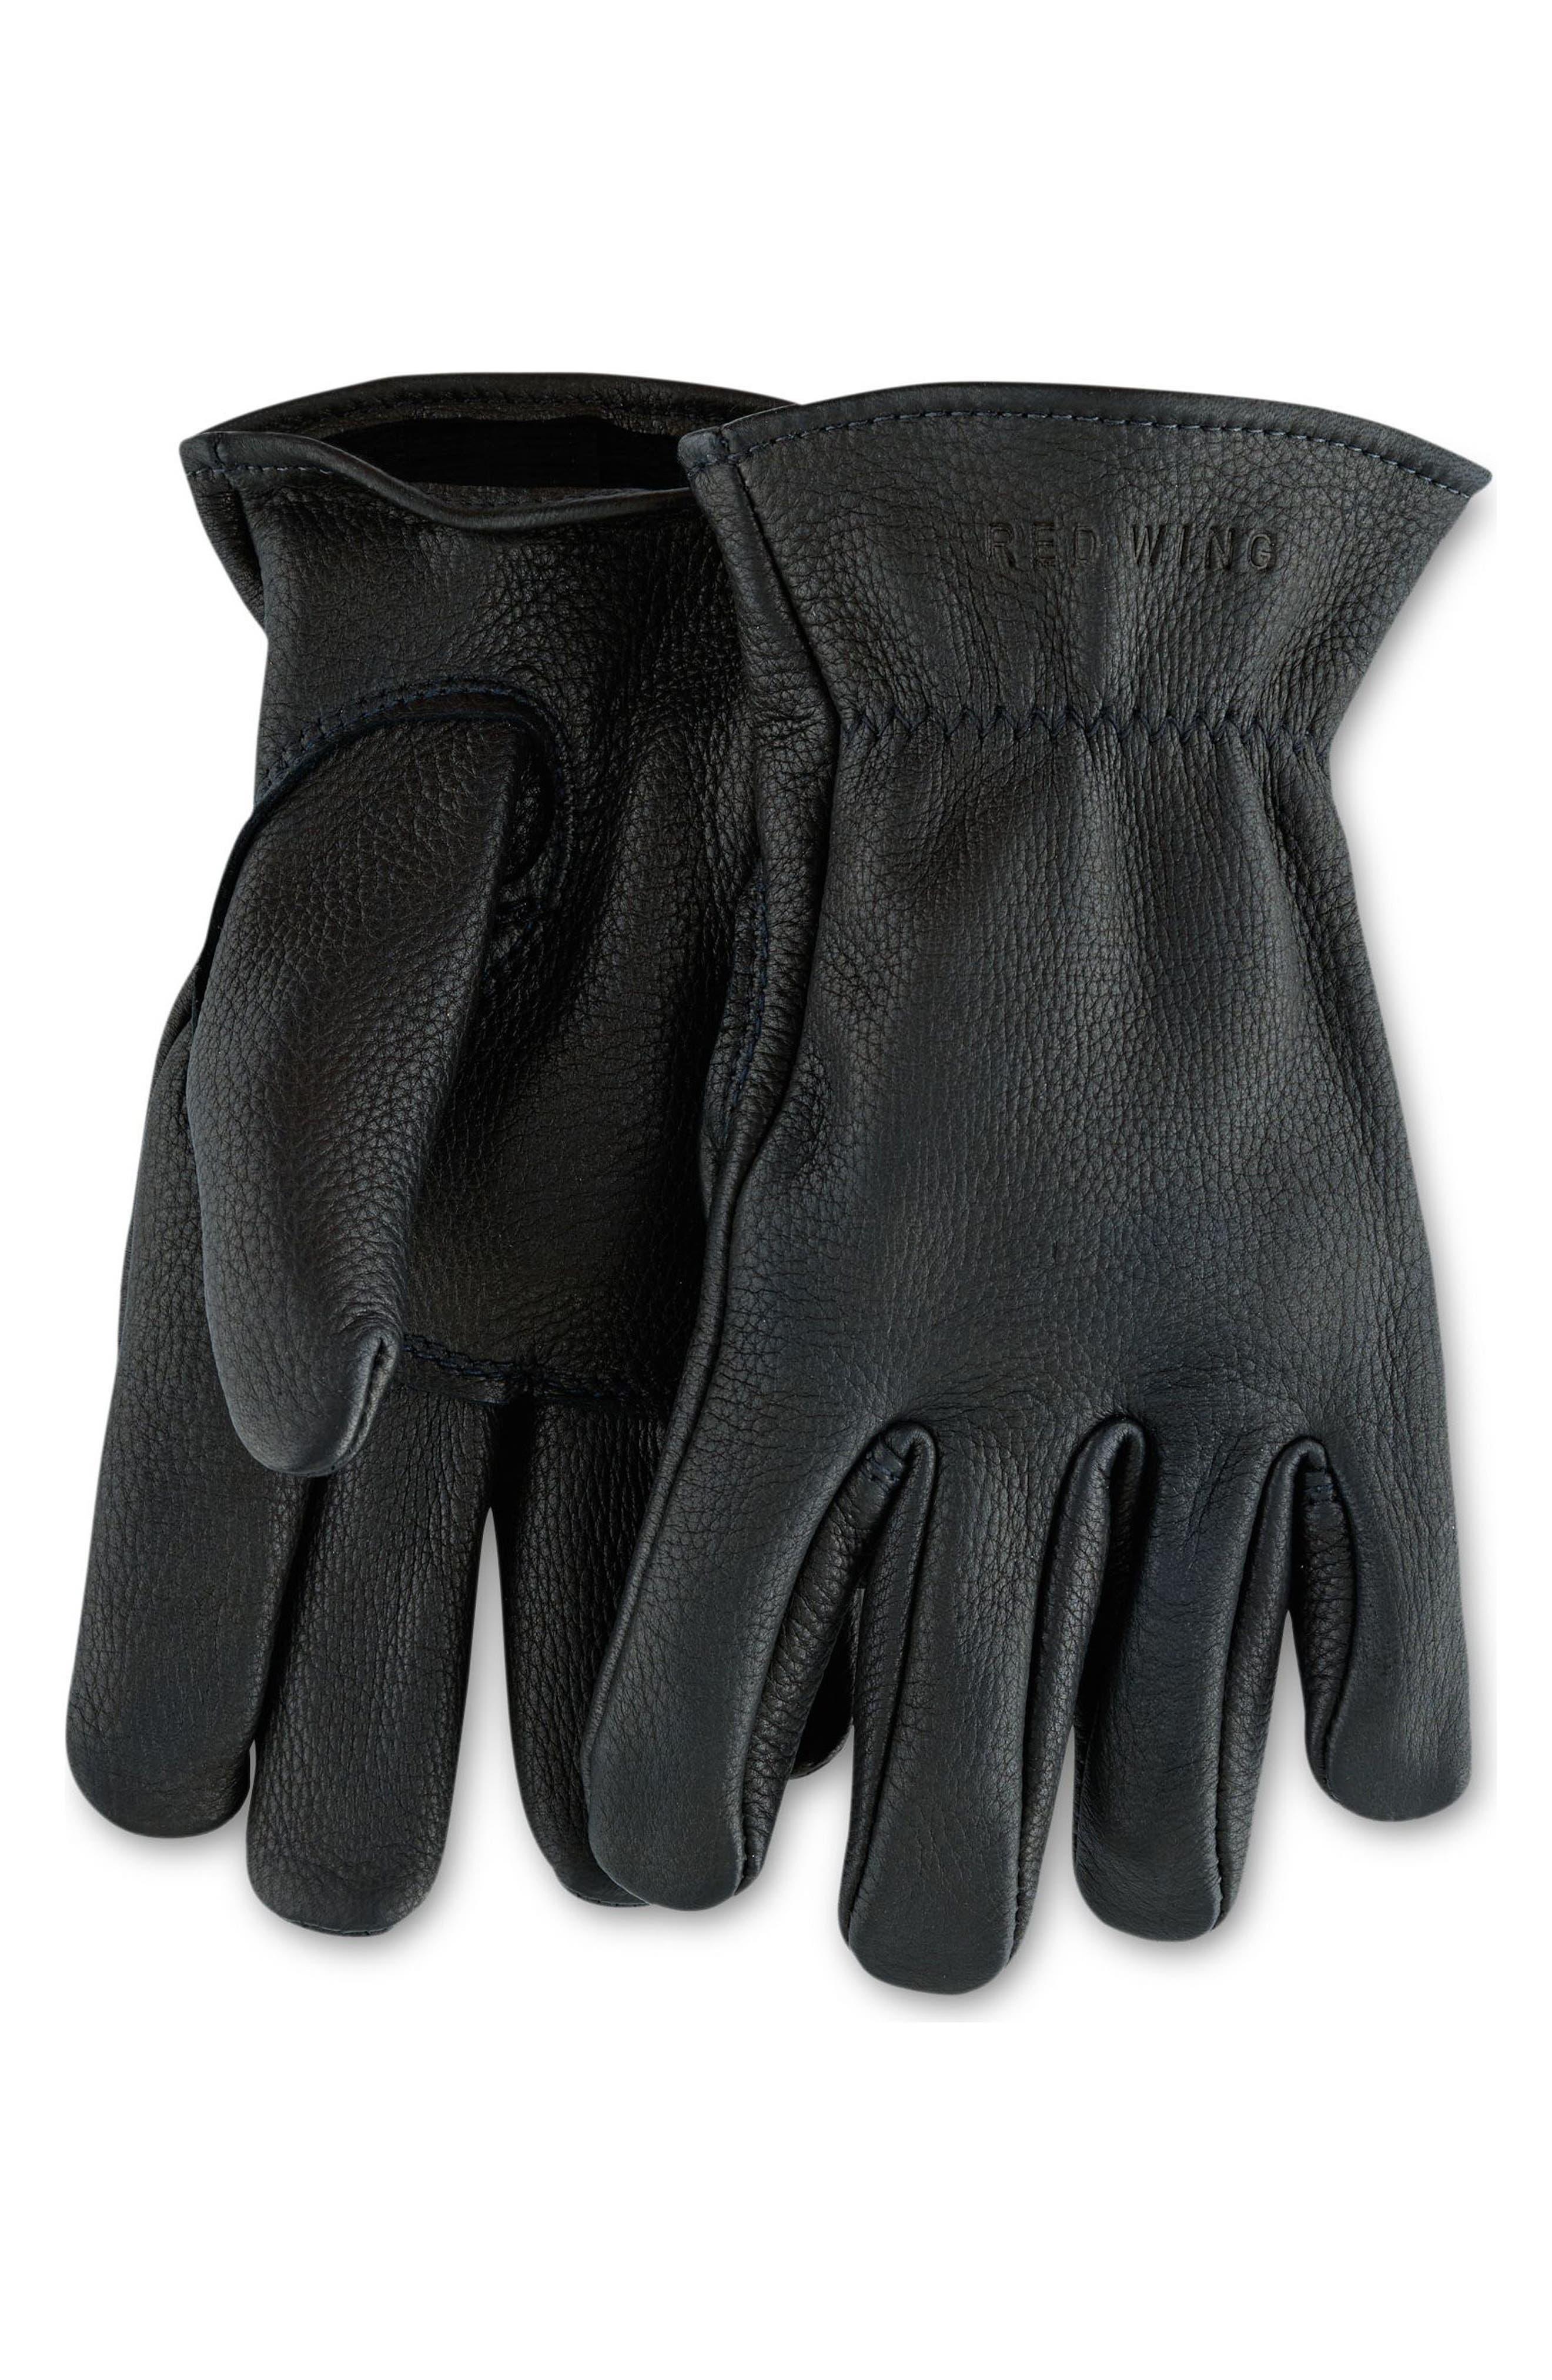 Buckskin Leather Gloves,                             Alternate thumbnail 2, color,